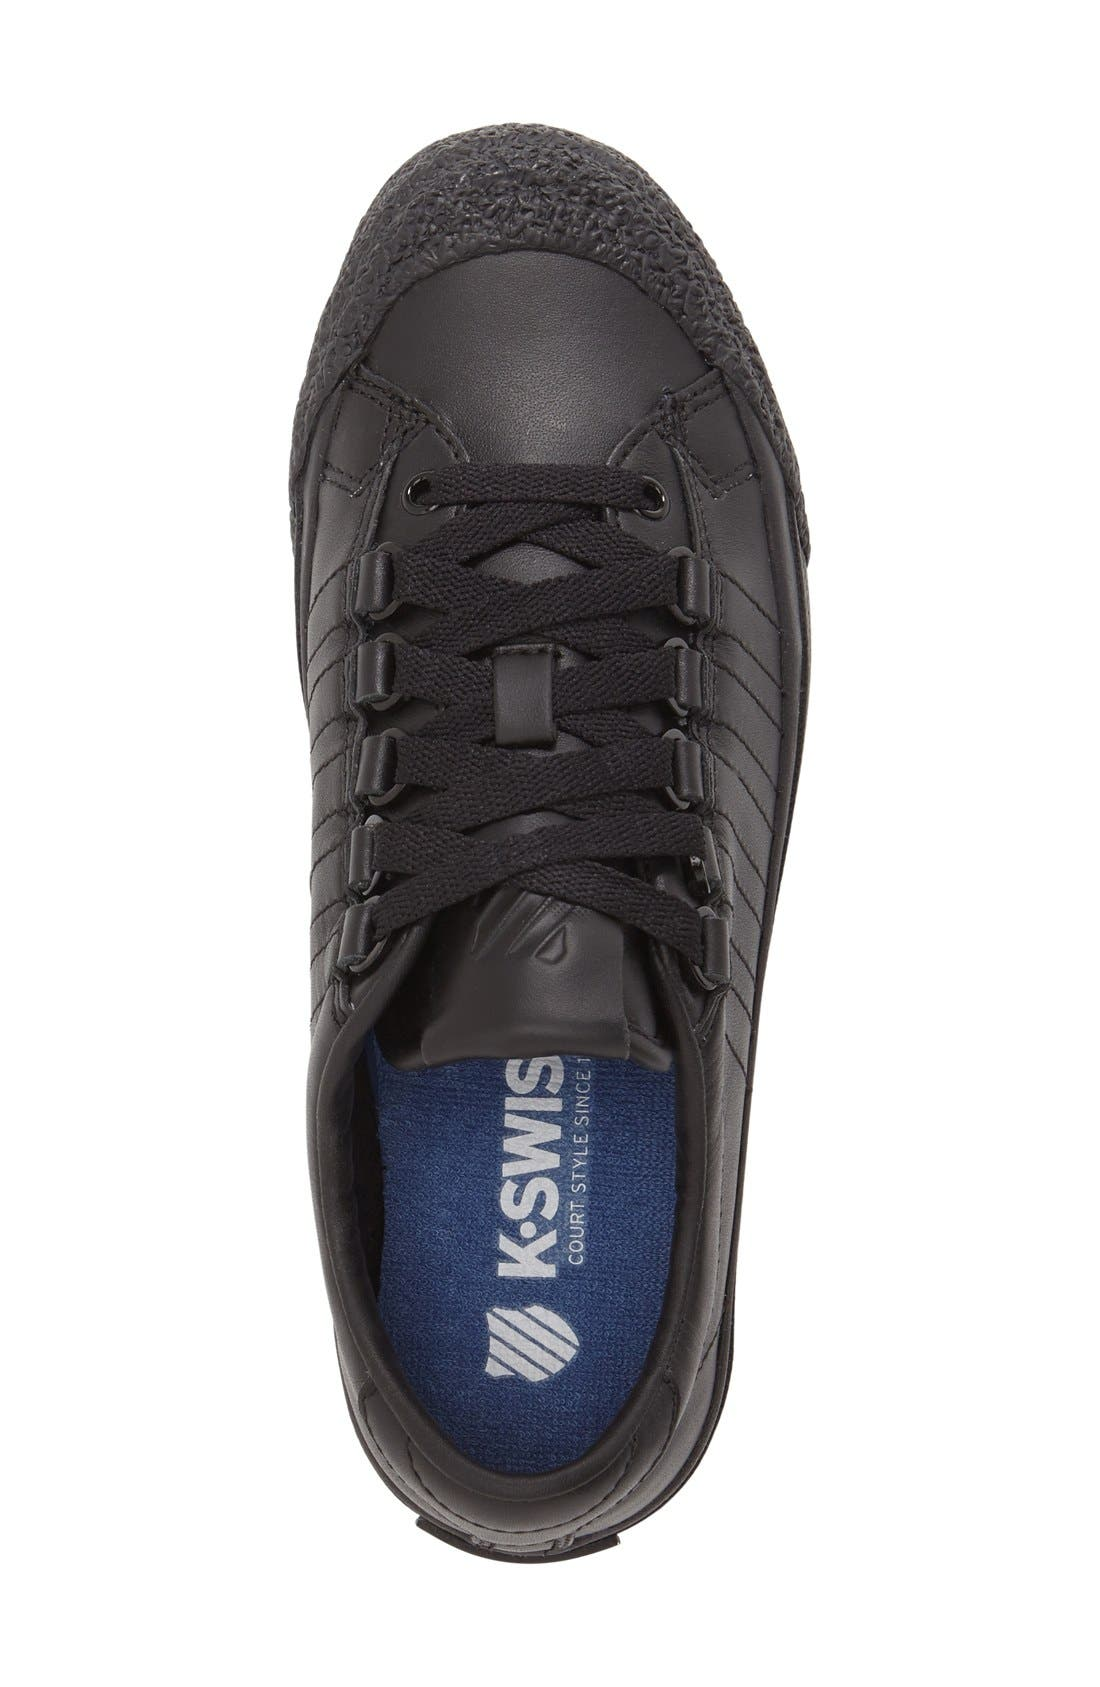 Alternate Image 3  - K-Swiss 'Irvine' Sneaker (Women)